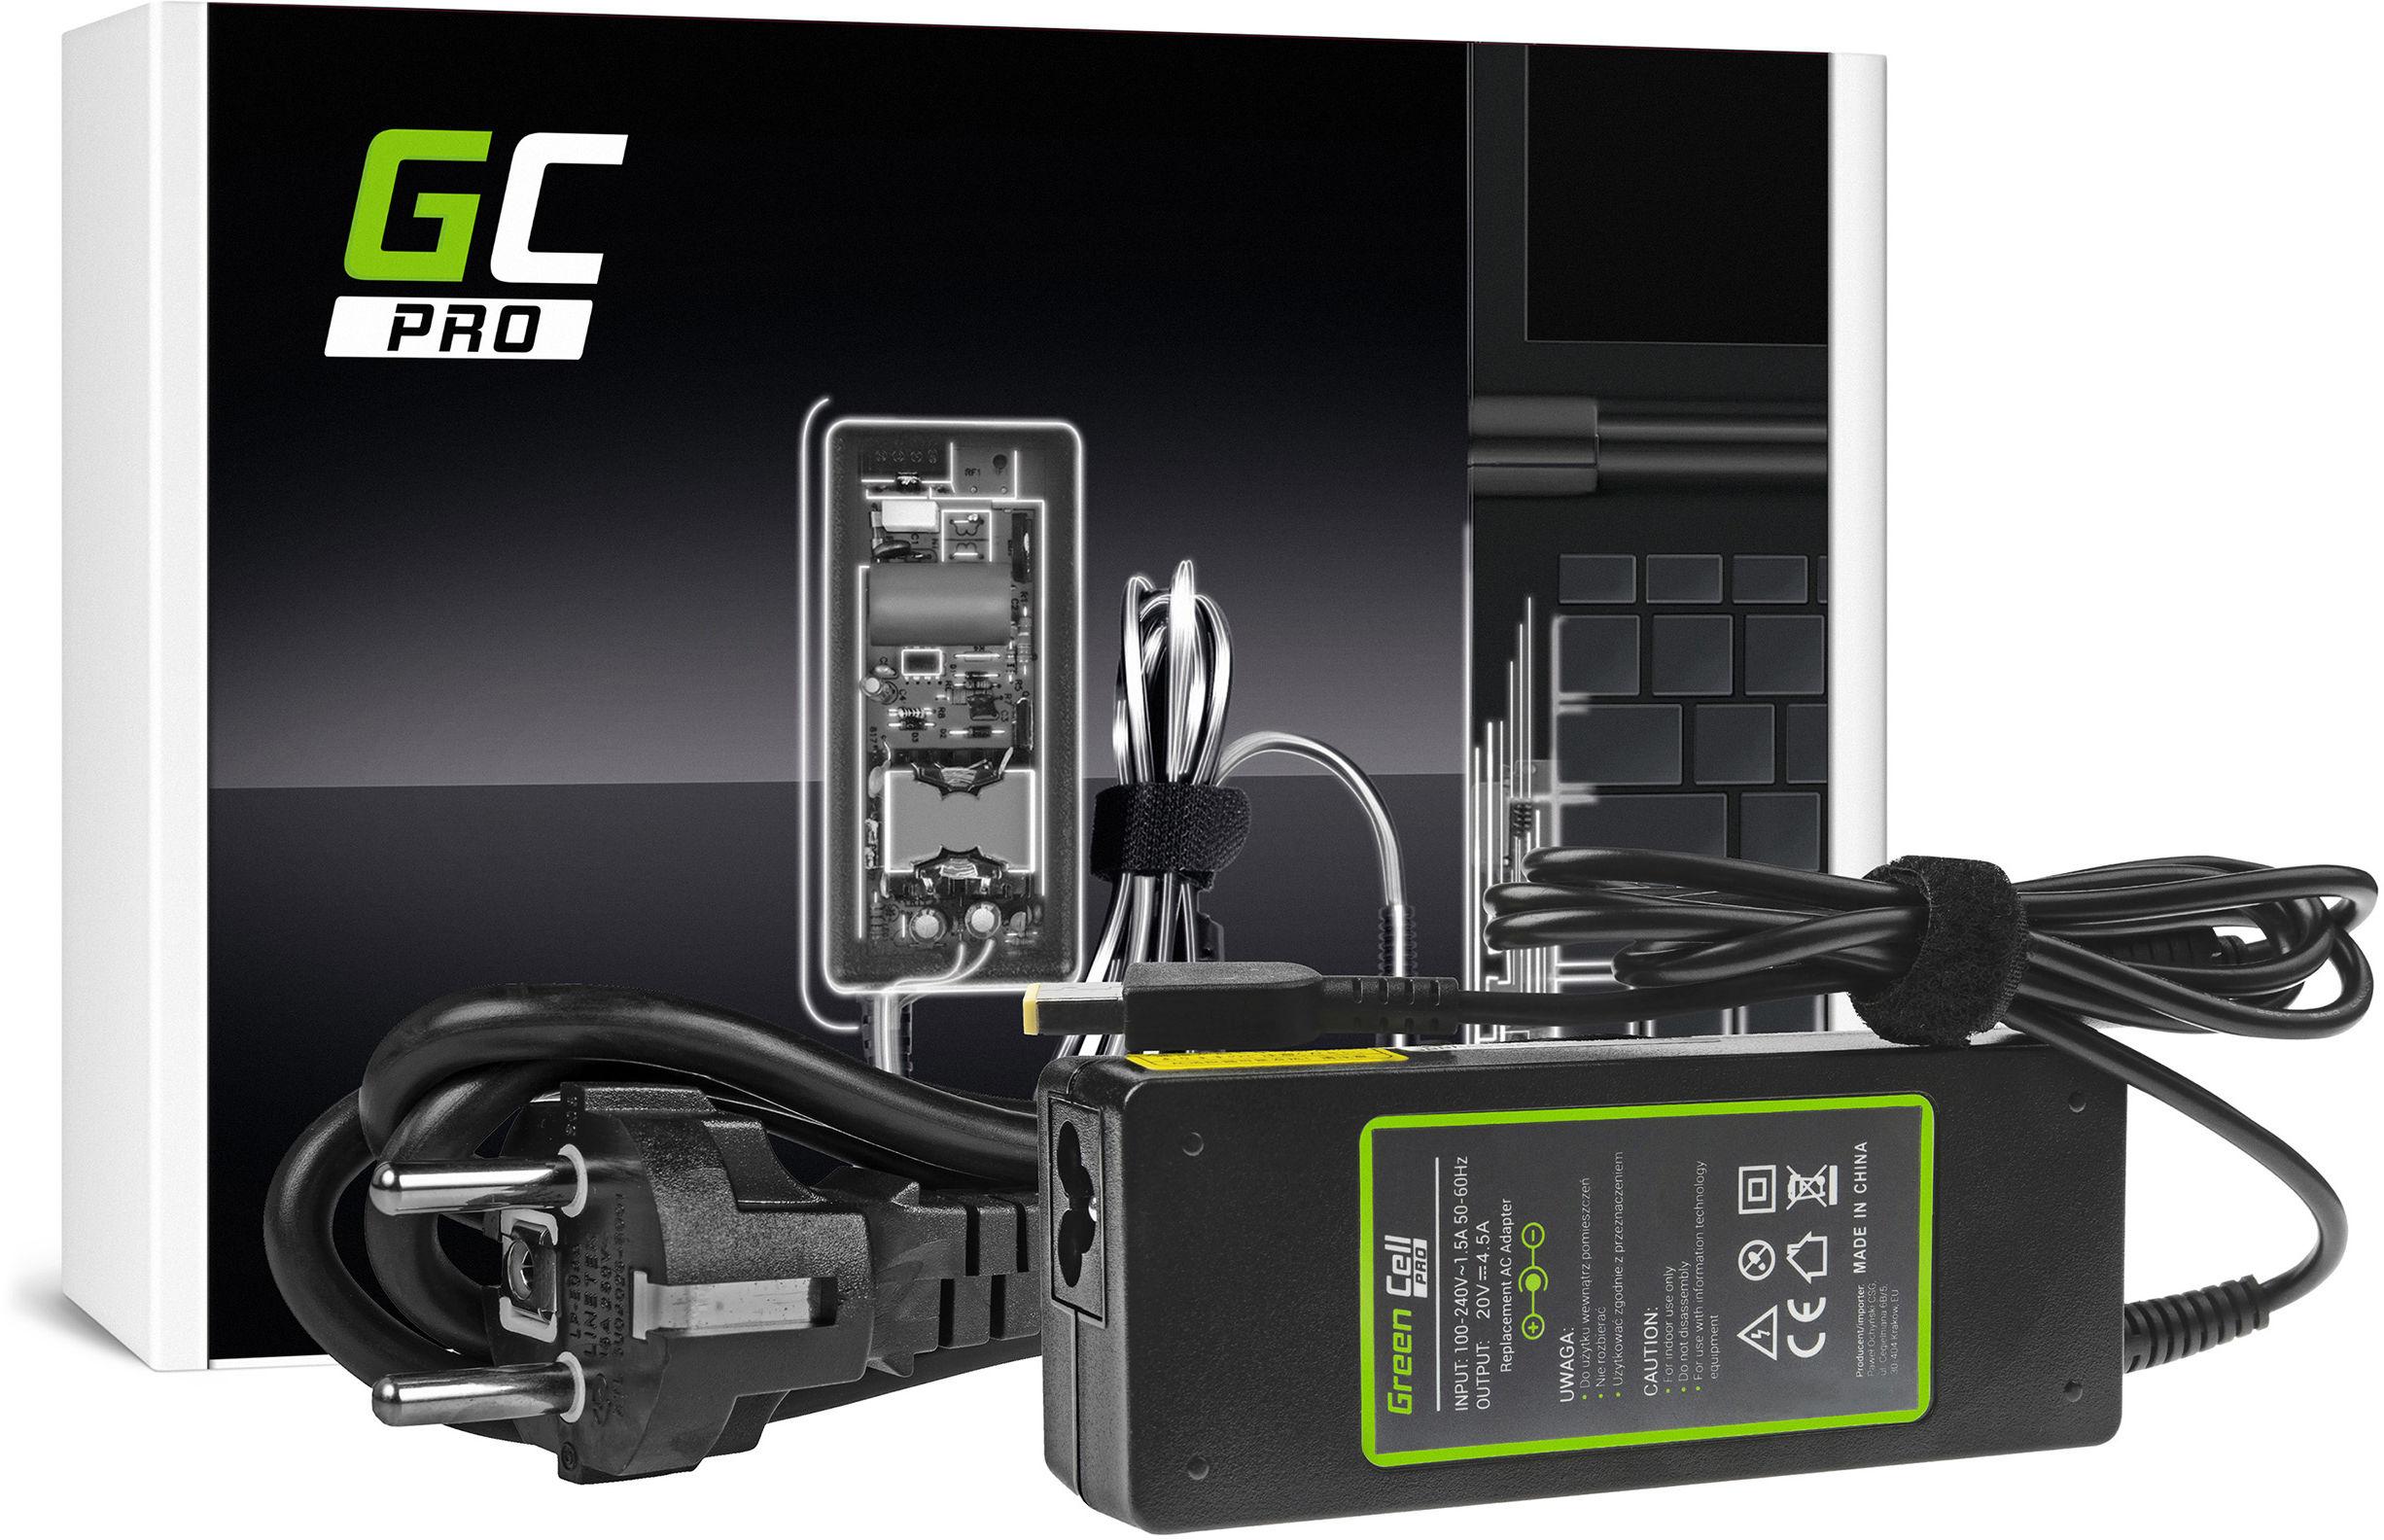 Zasilacz Ładowarka Green Cell PRO 20V 4.5A 90W do Lenovo G500s G505s G510 G510s Z500 Z510 Z710 Z51 Z51-70 ThinkPad X1 Carbon